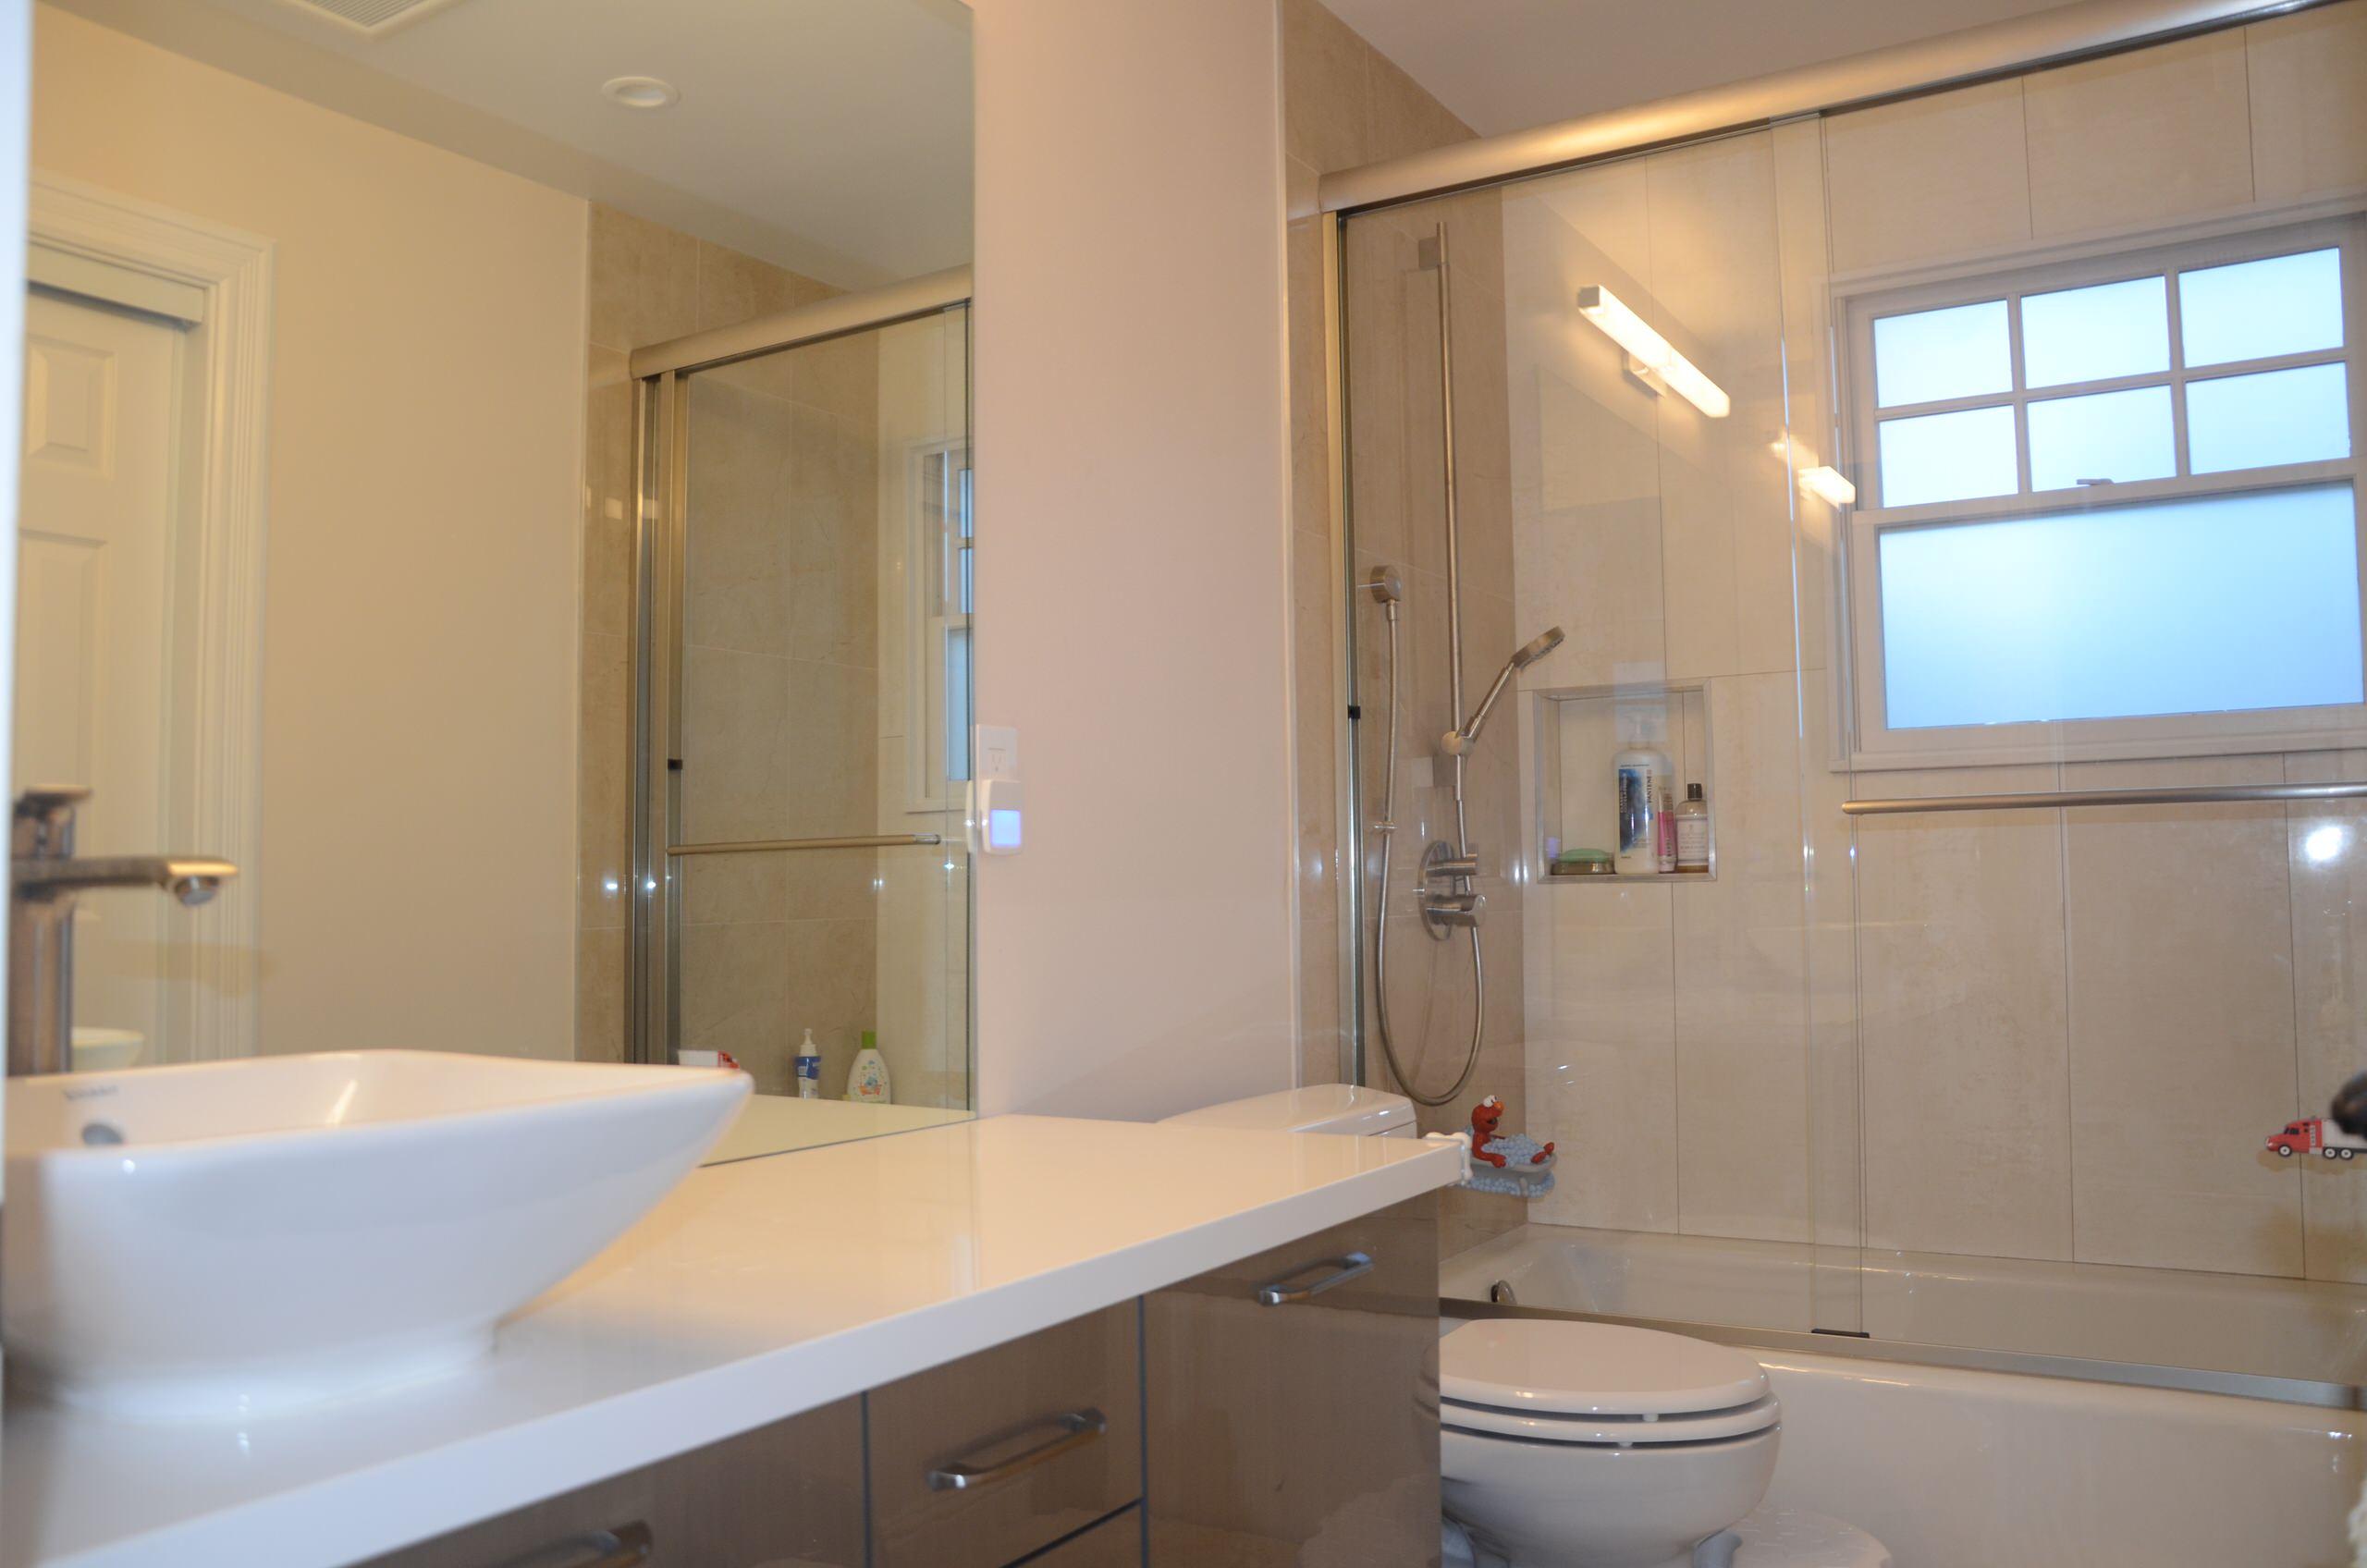 San Carlos Residential Remodeling.